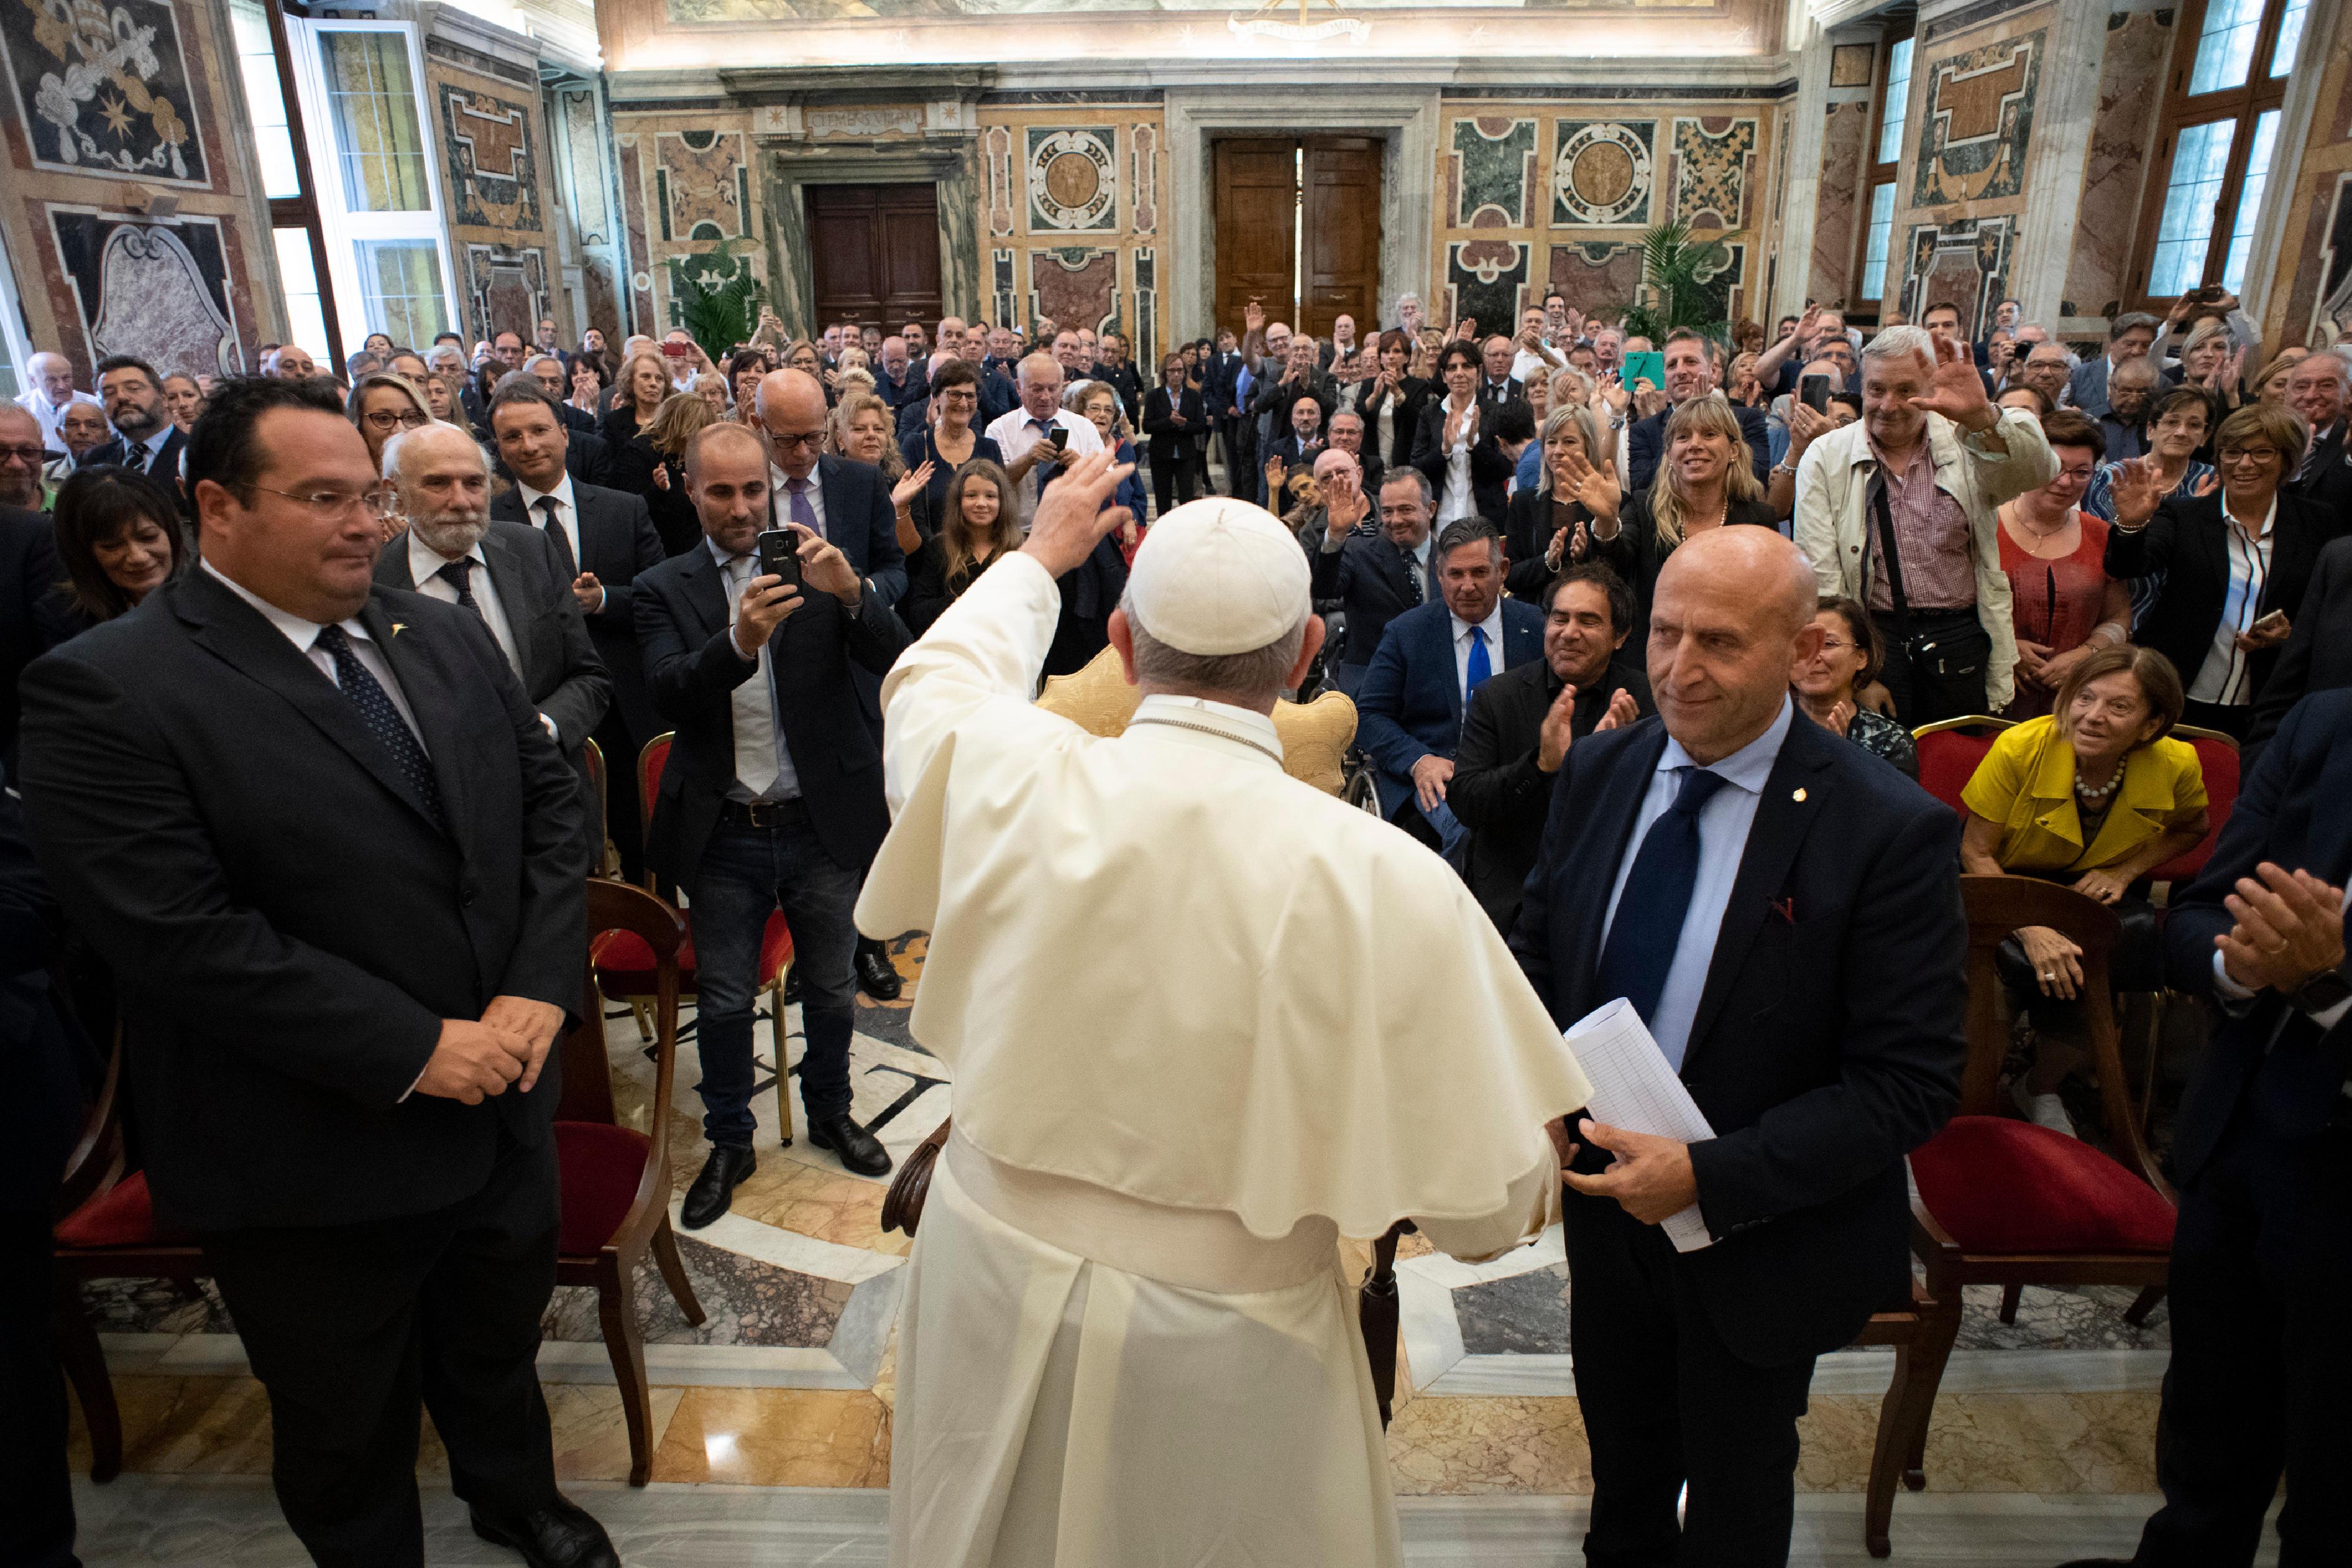 Association Nationale des travailleurs mutilés et invalides du travail © Vatican Media